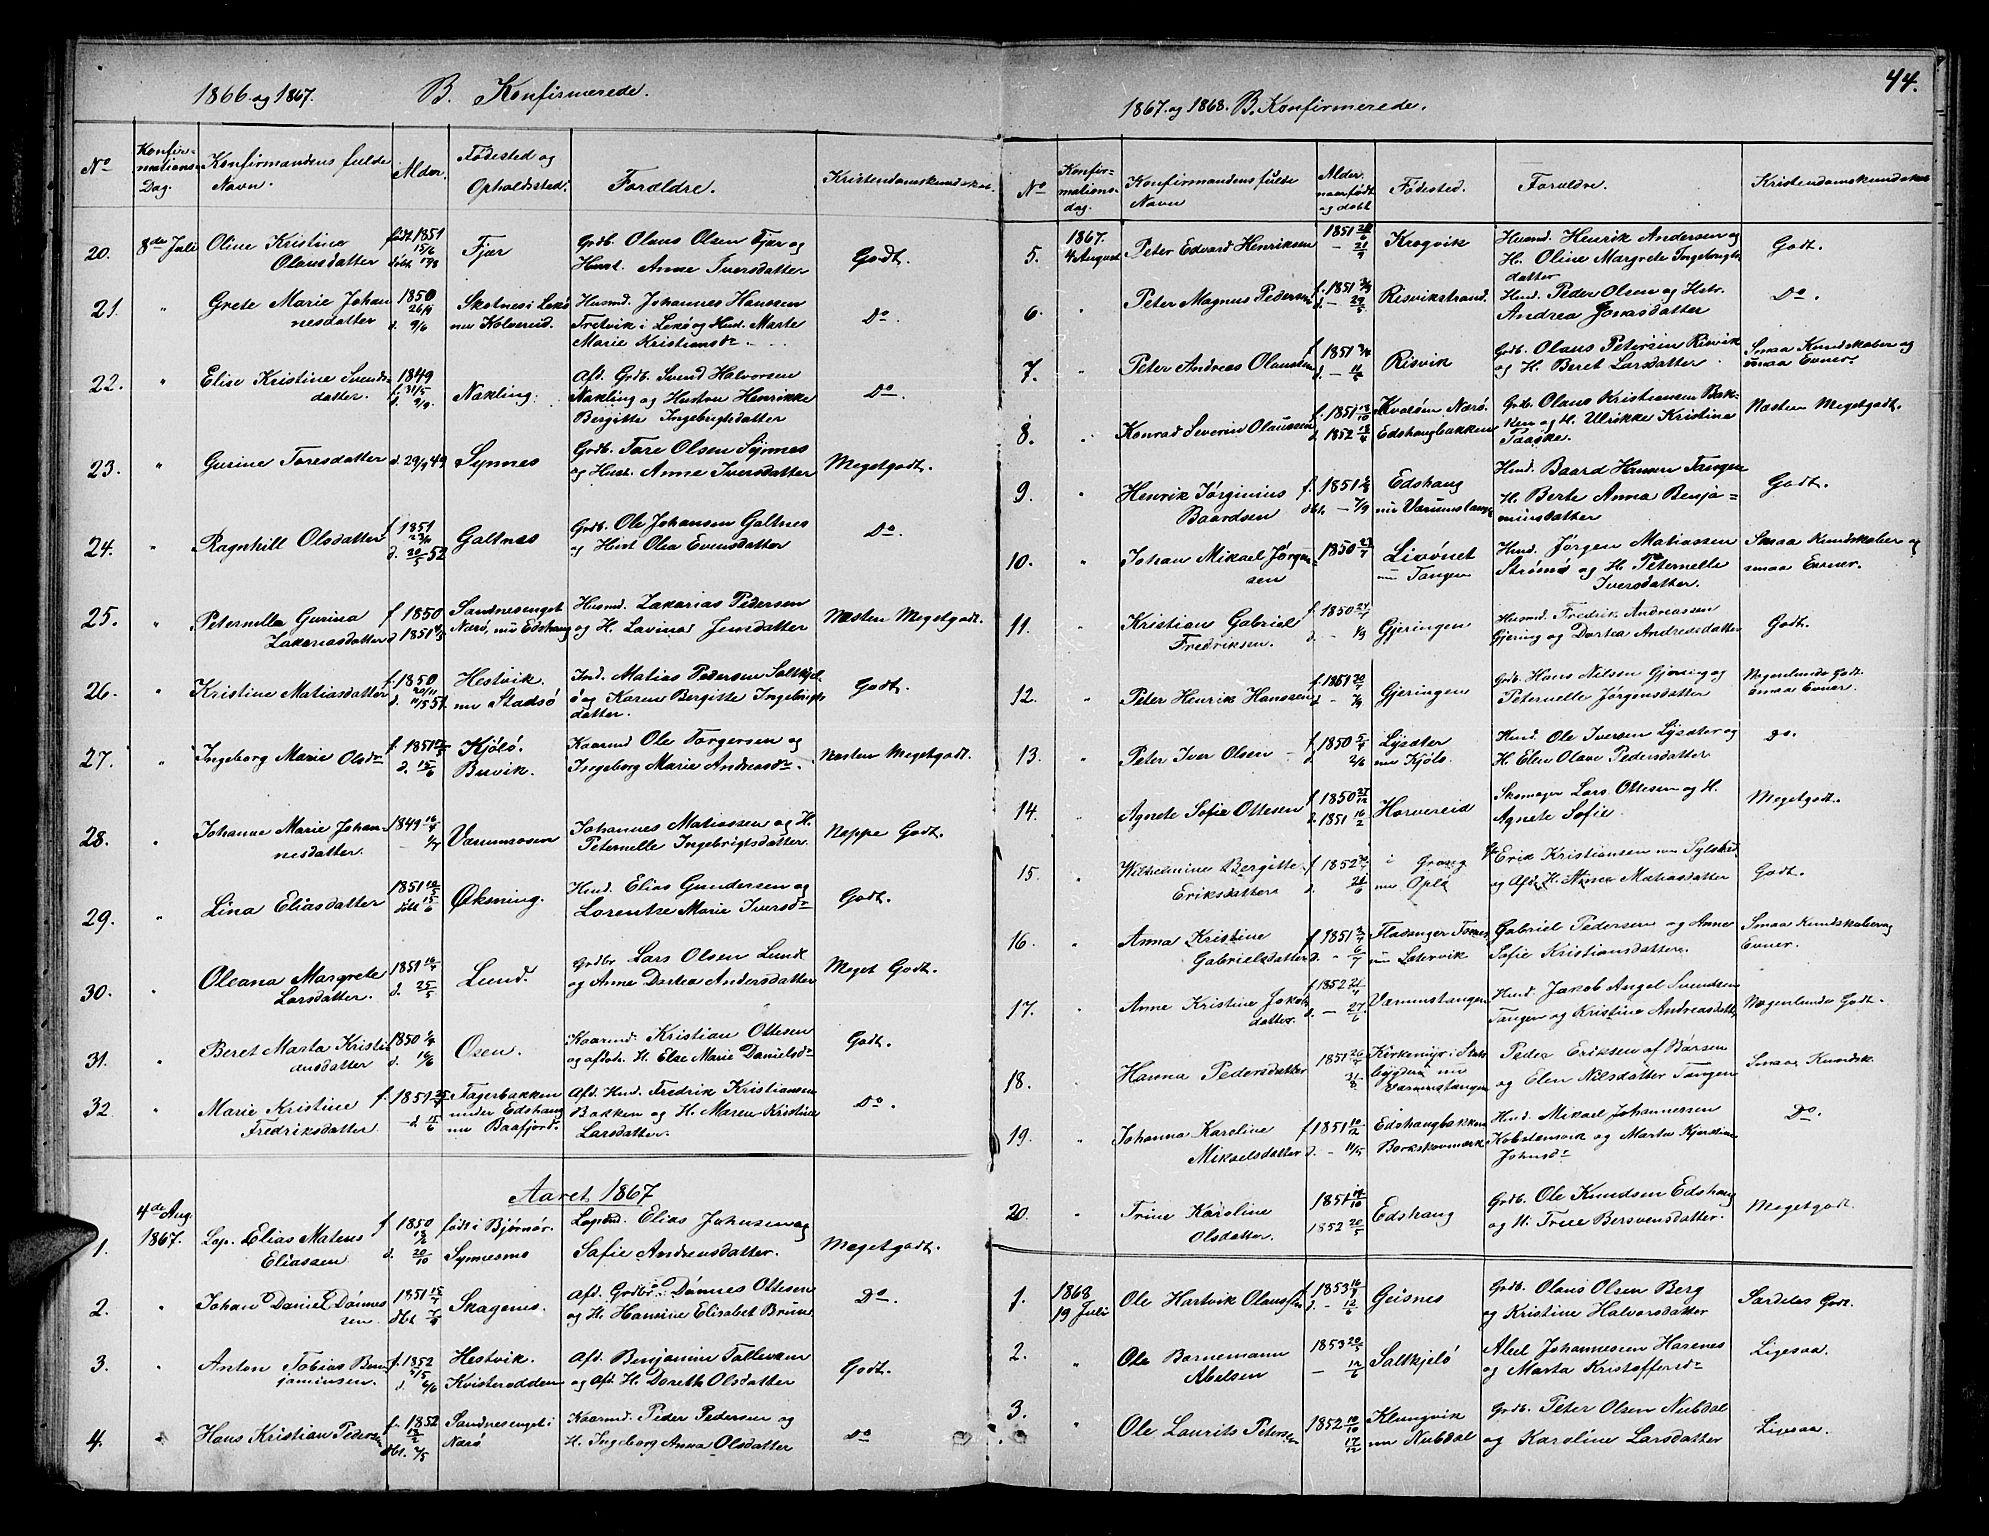 SAT, Ministerialprotokoller, klokkerbøker og fødselsregistre - Nord-Trøndelag, 780/L0650: Klokkerbok nr. 780C02, 1866-1884, s. 44